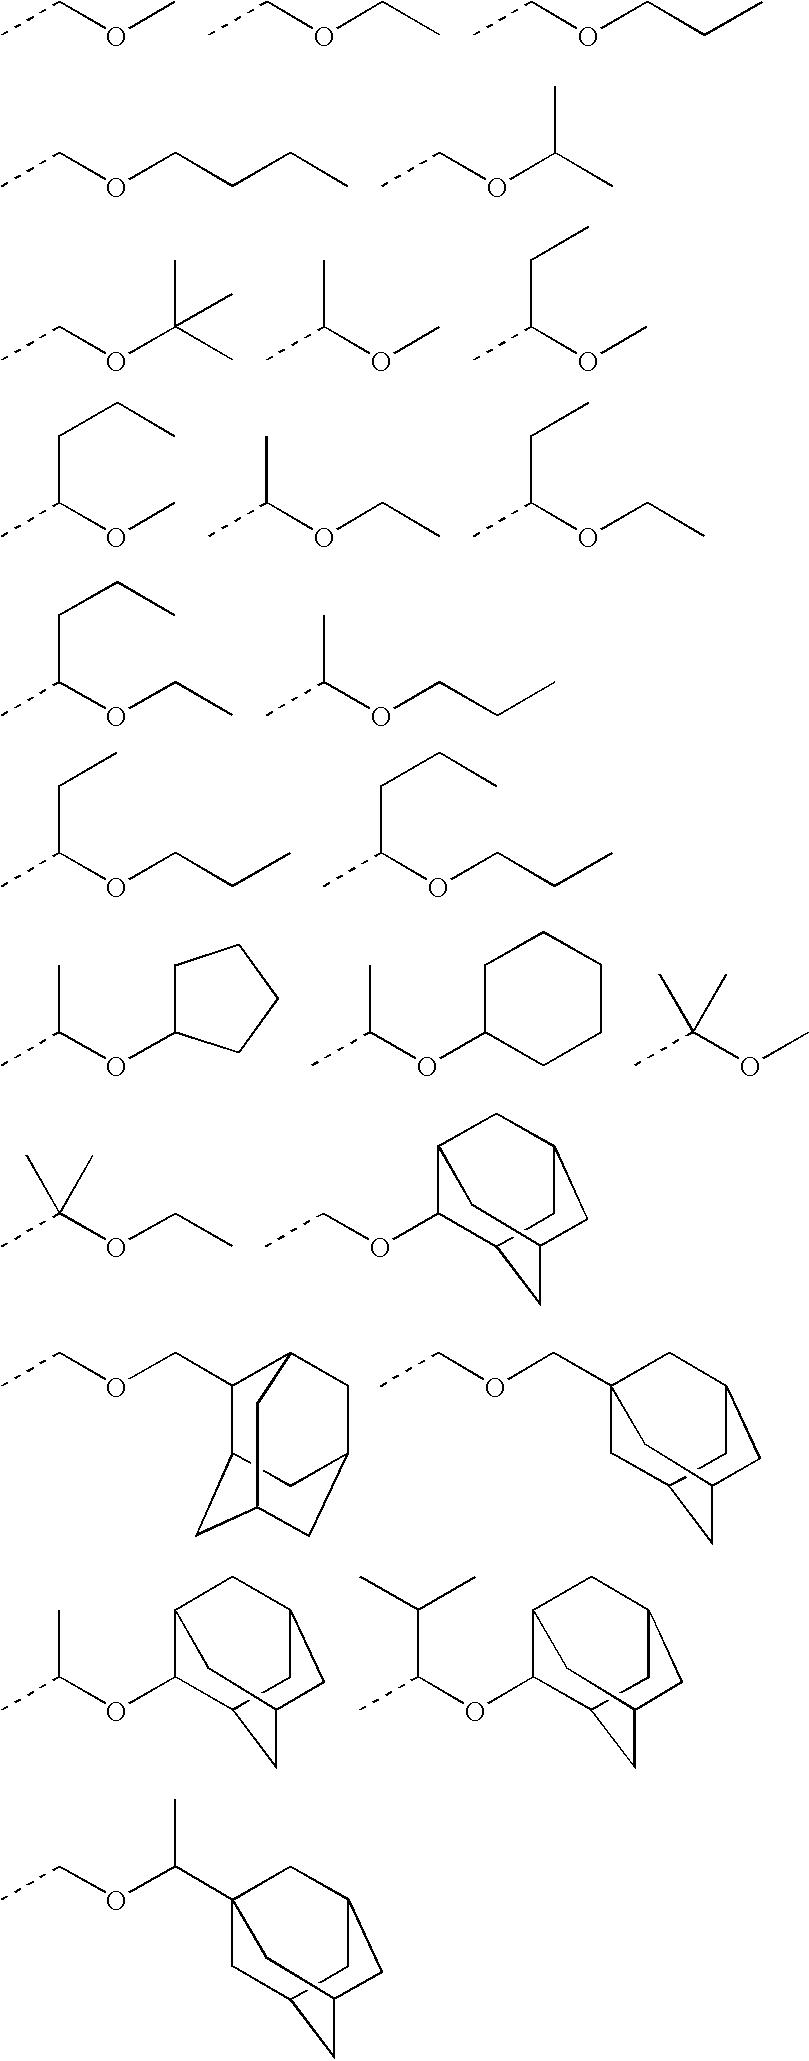 Figure US20070231738A1-20071004-C00027